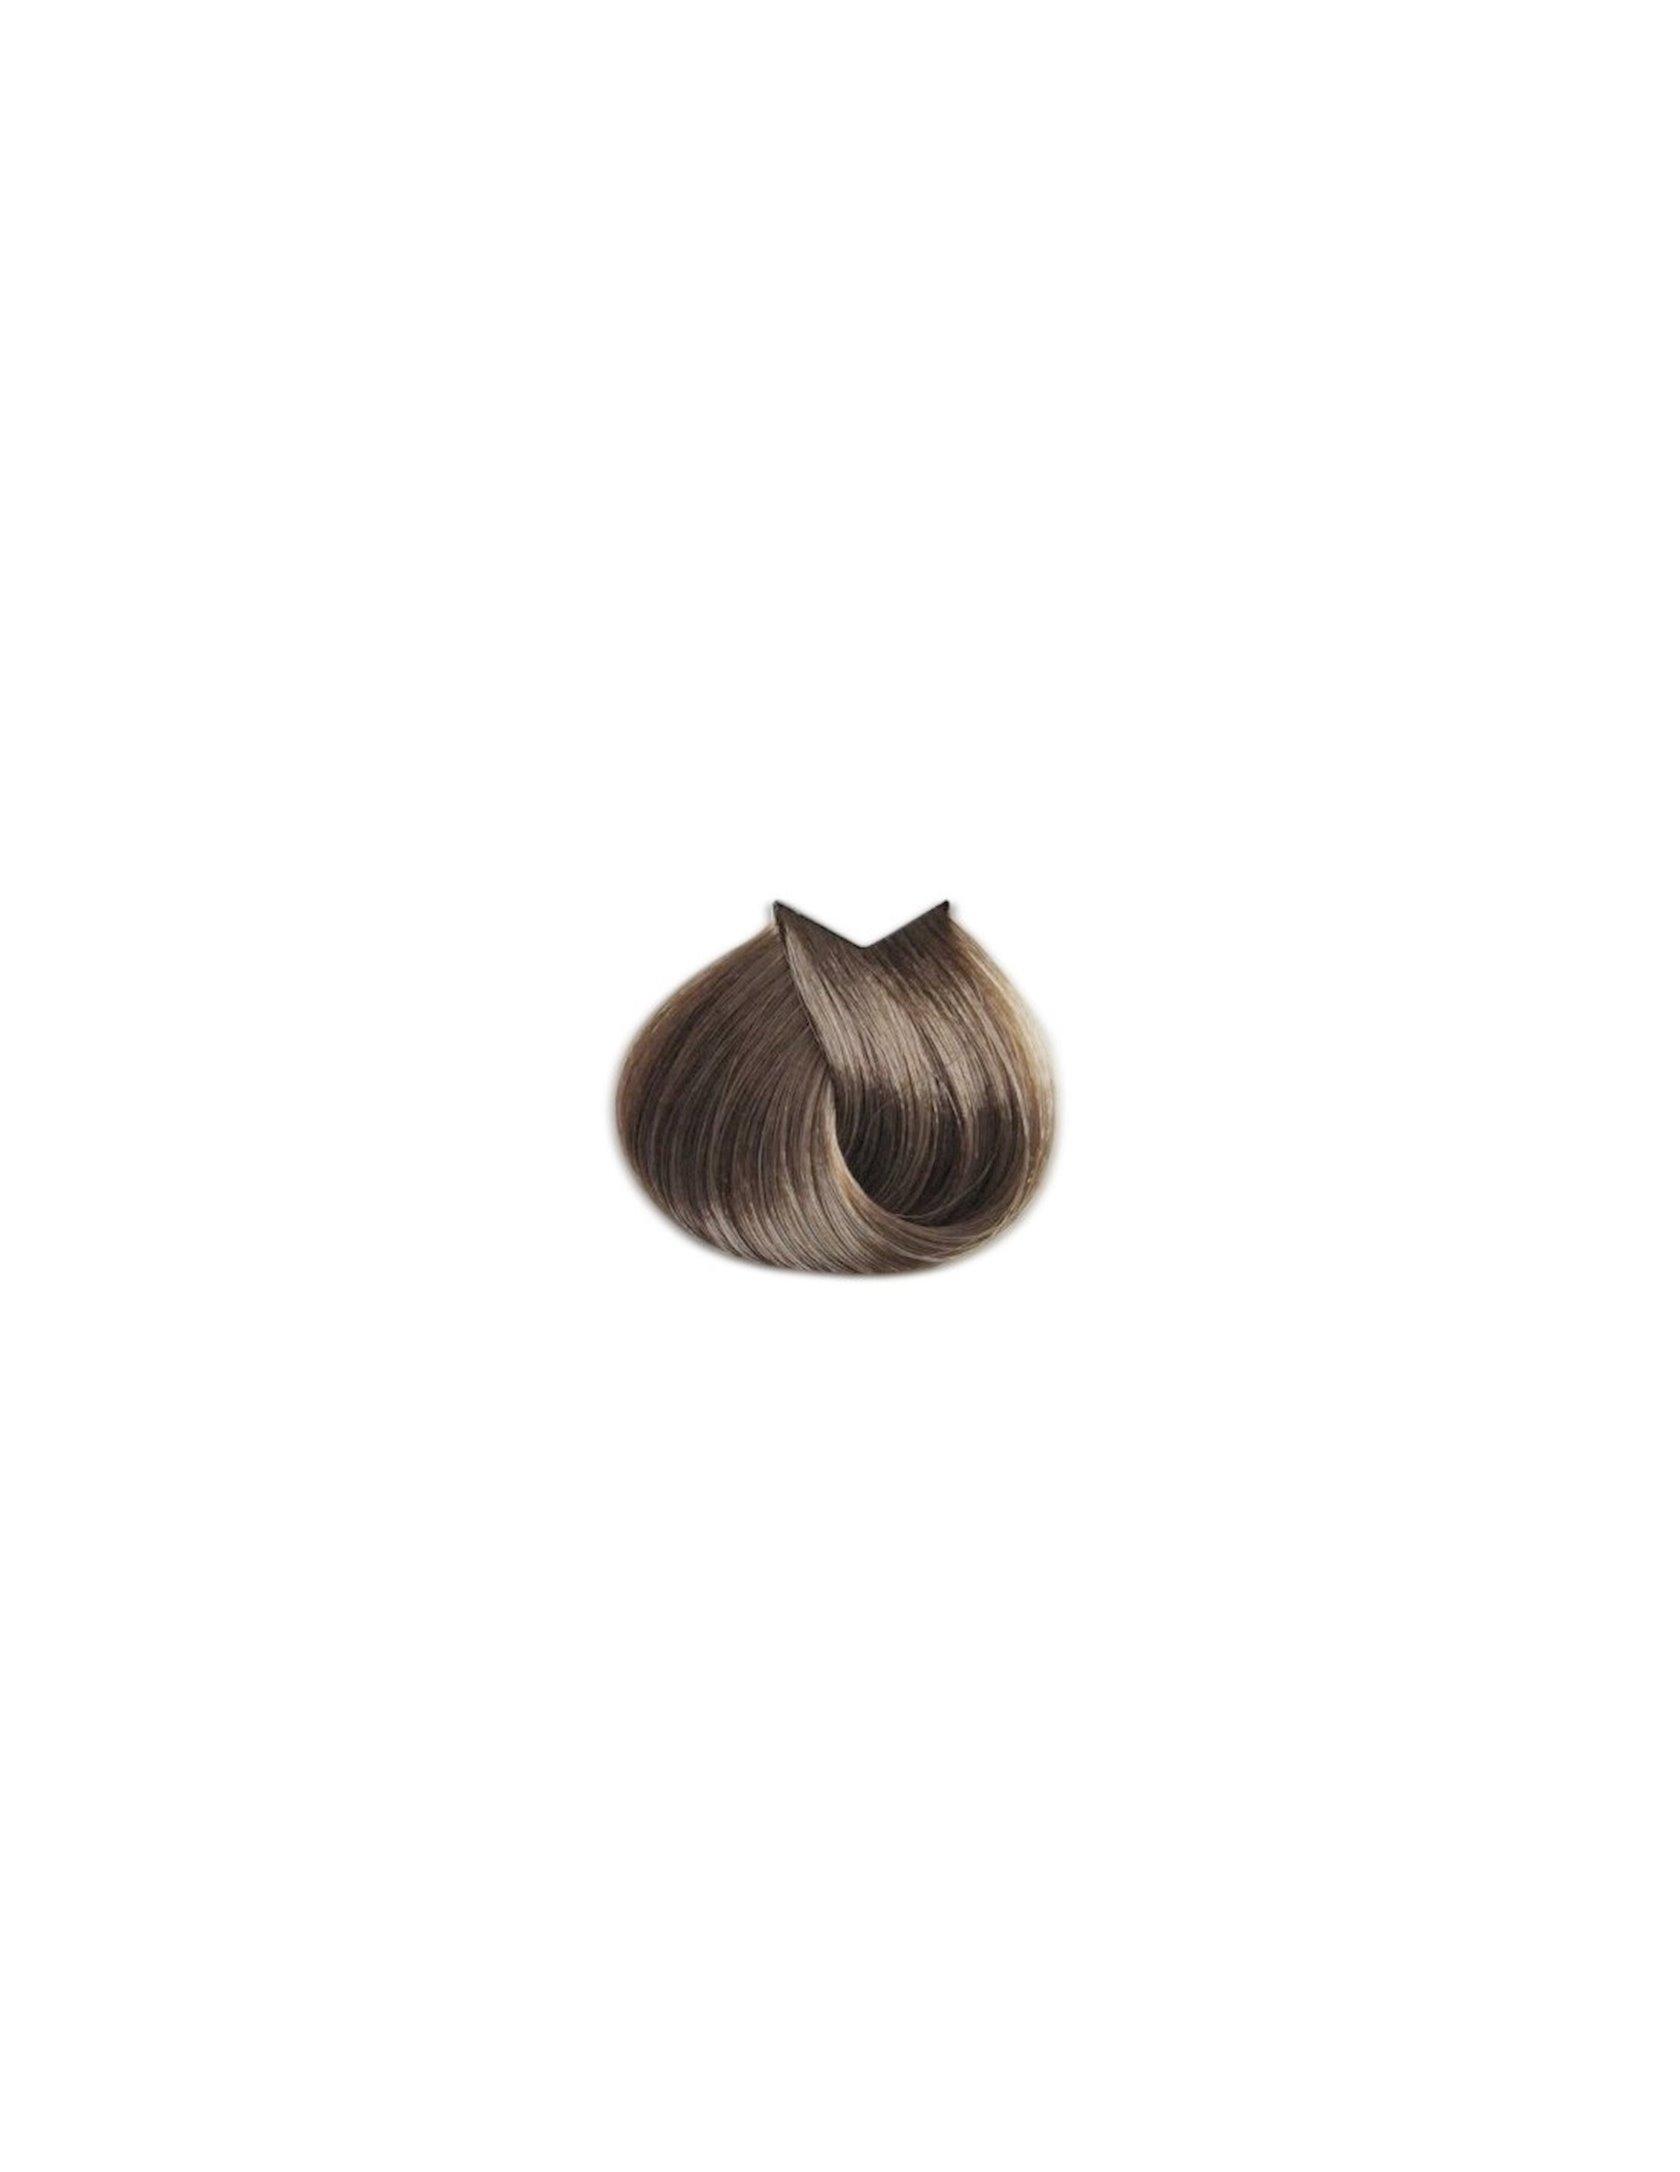 Saç üçün qalıcı krem-boya Farmavita Life Color Plus 8.07 Aşıq soyuq blond